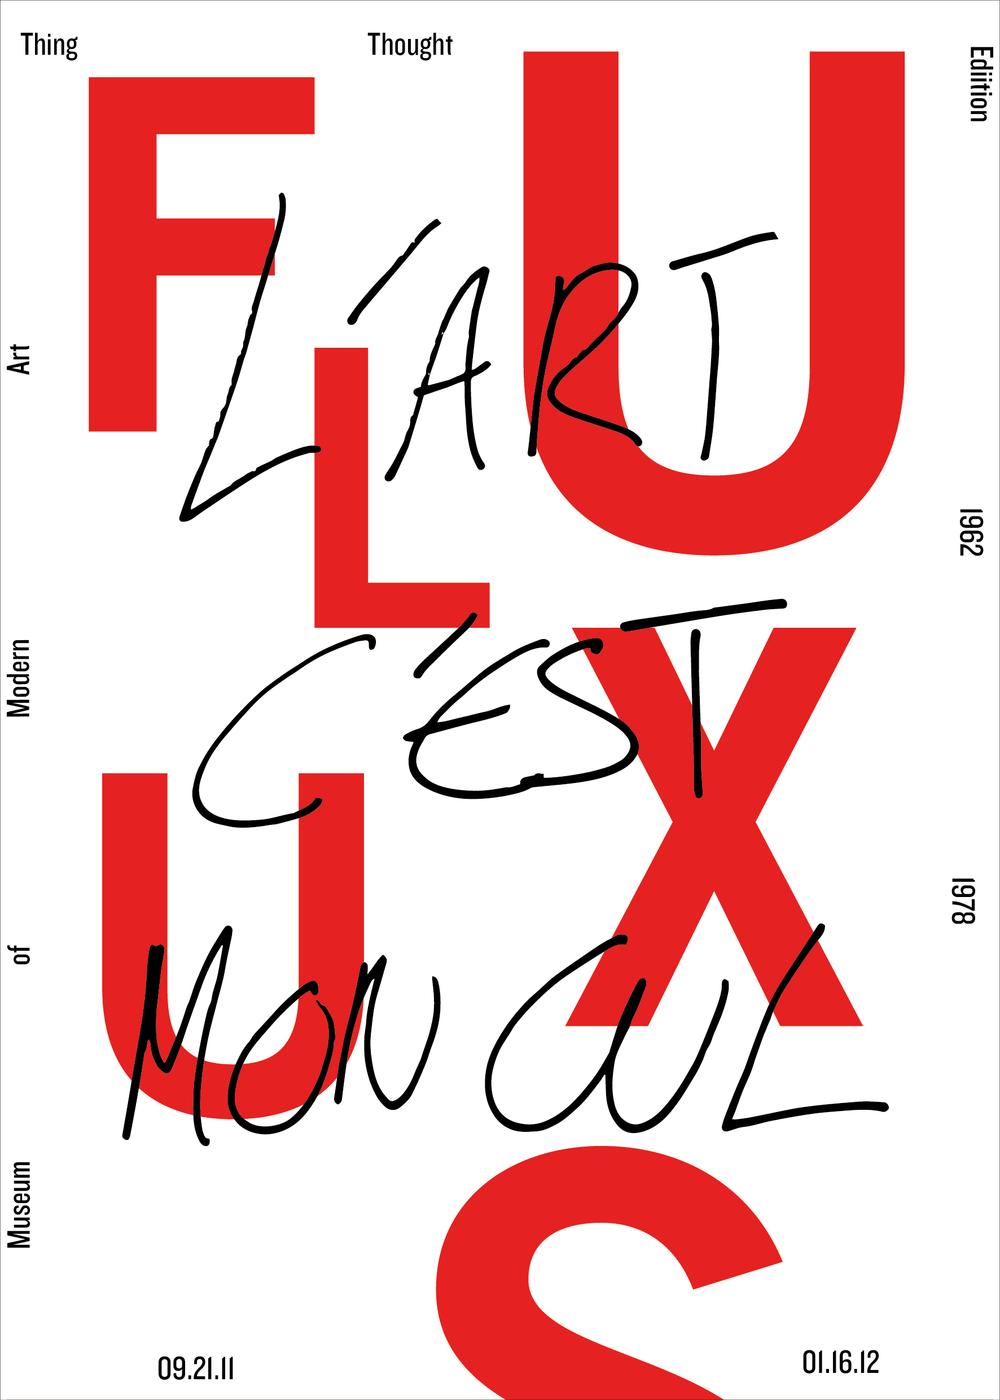 fluxus_charlieth